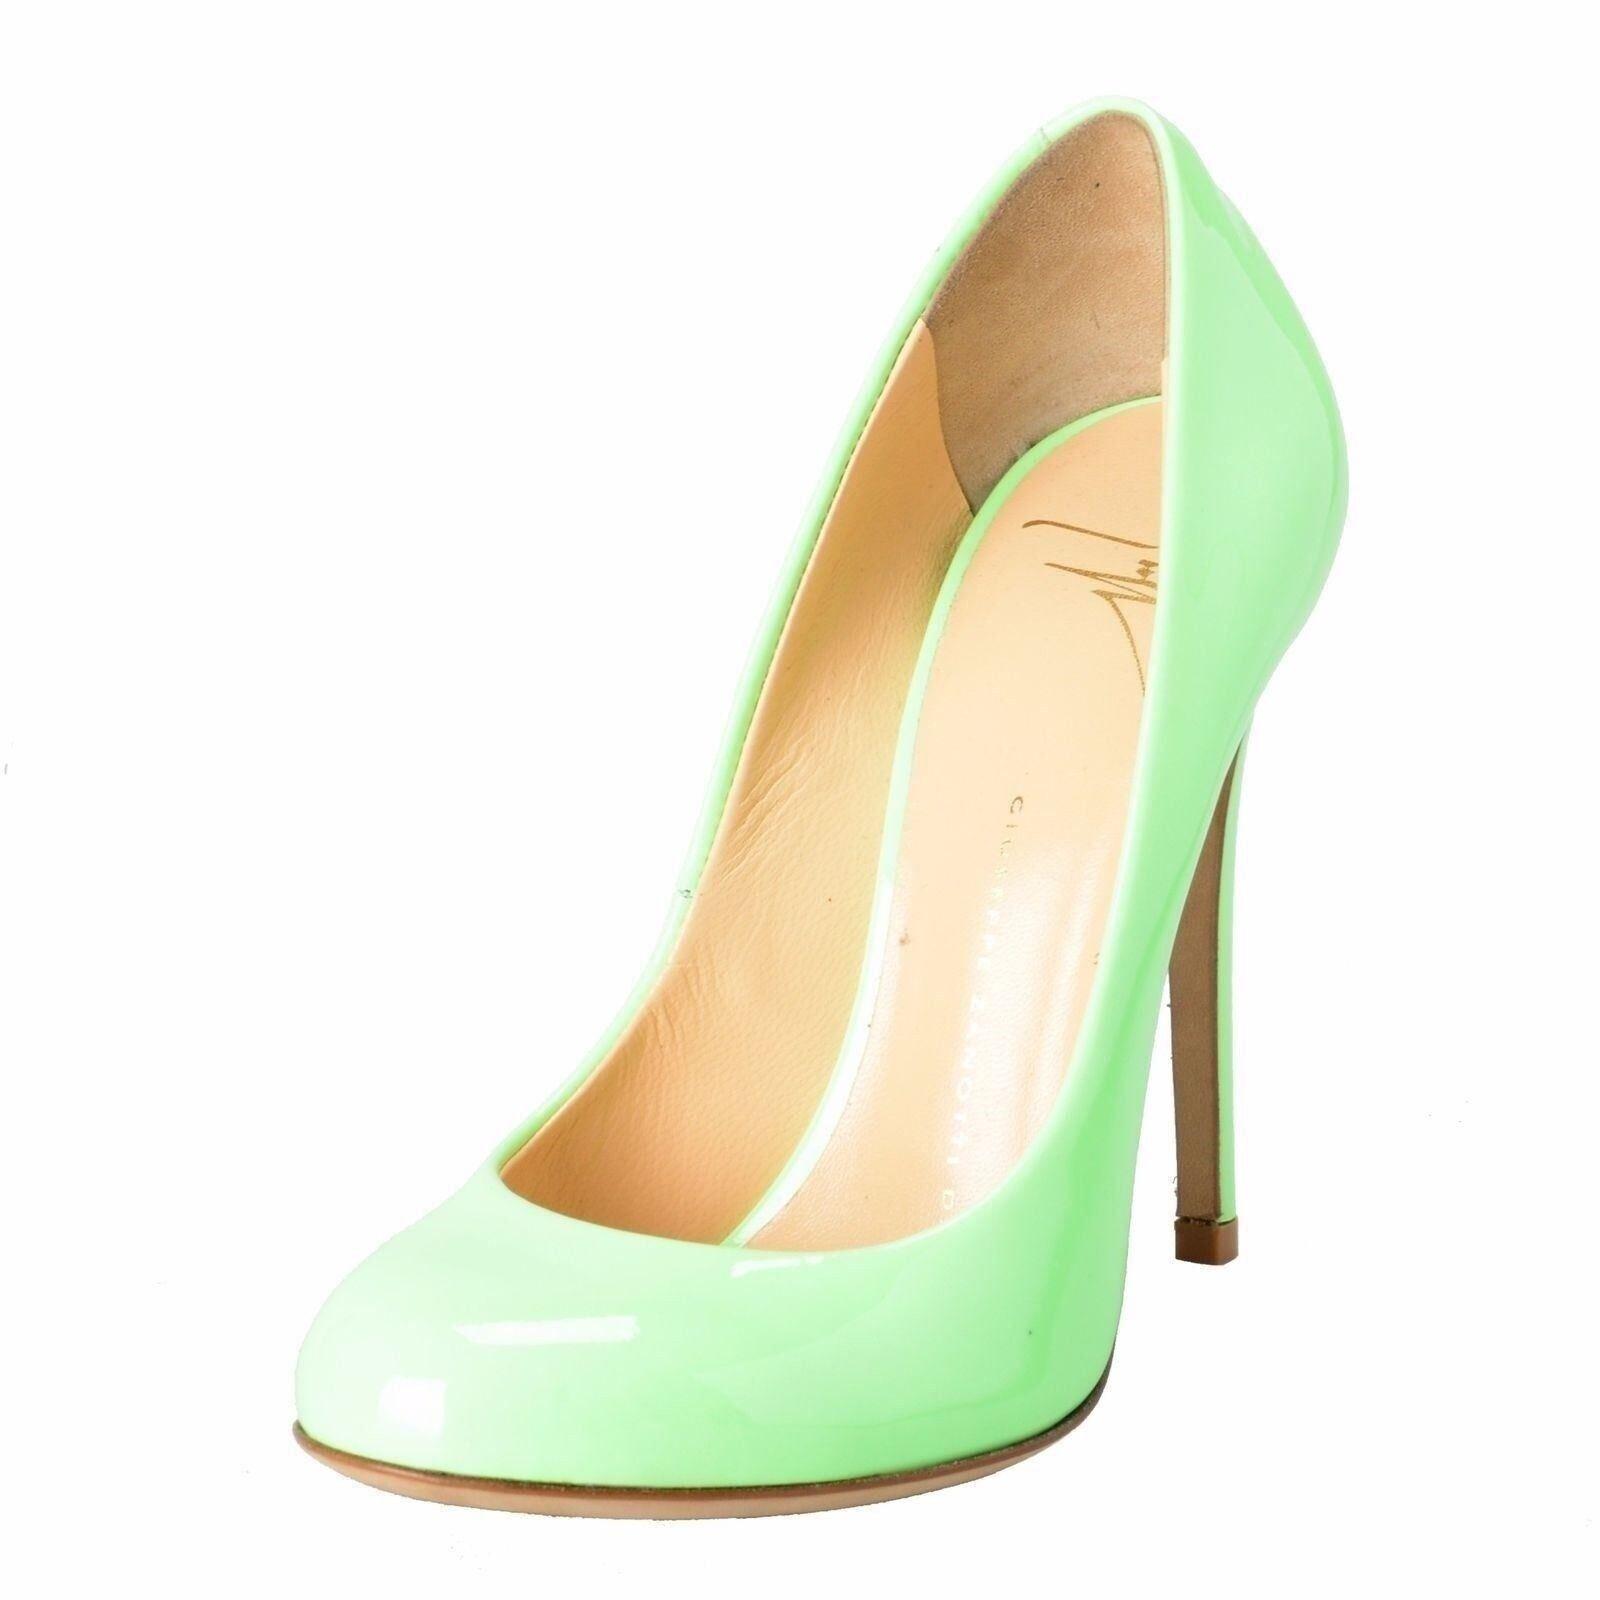 Giuseppe Zanotti Design Mujer verde Menta Bombas Zapatos Zapatos Zapatos de tacones altos EE. UU. 4.5 it 35.5  alta calidad general